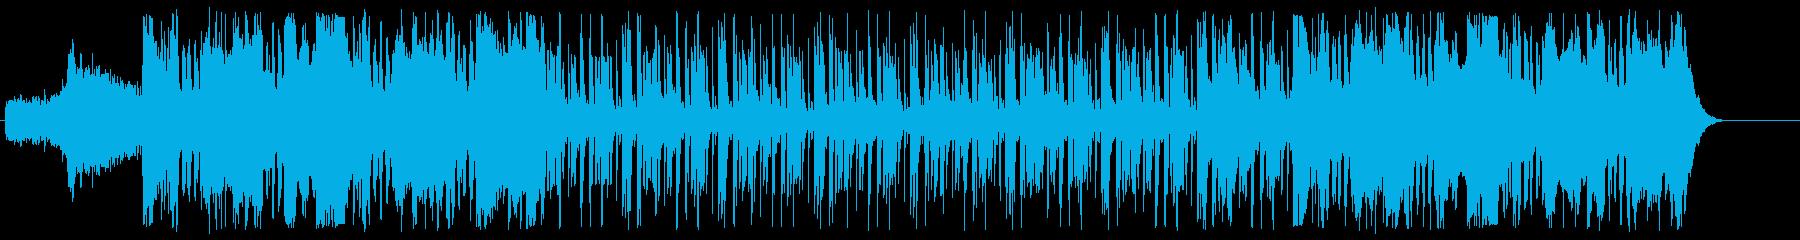 インパクトのある盛大なBGMの再生済みの波形